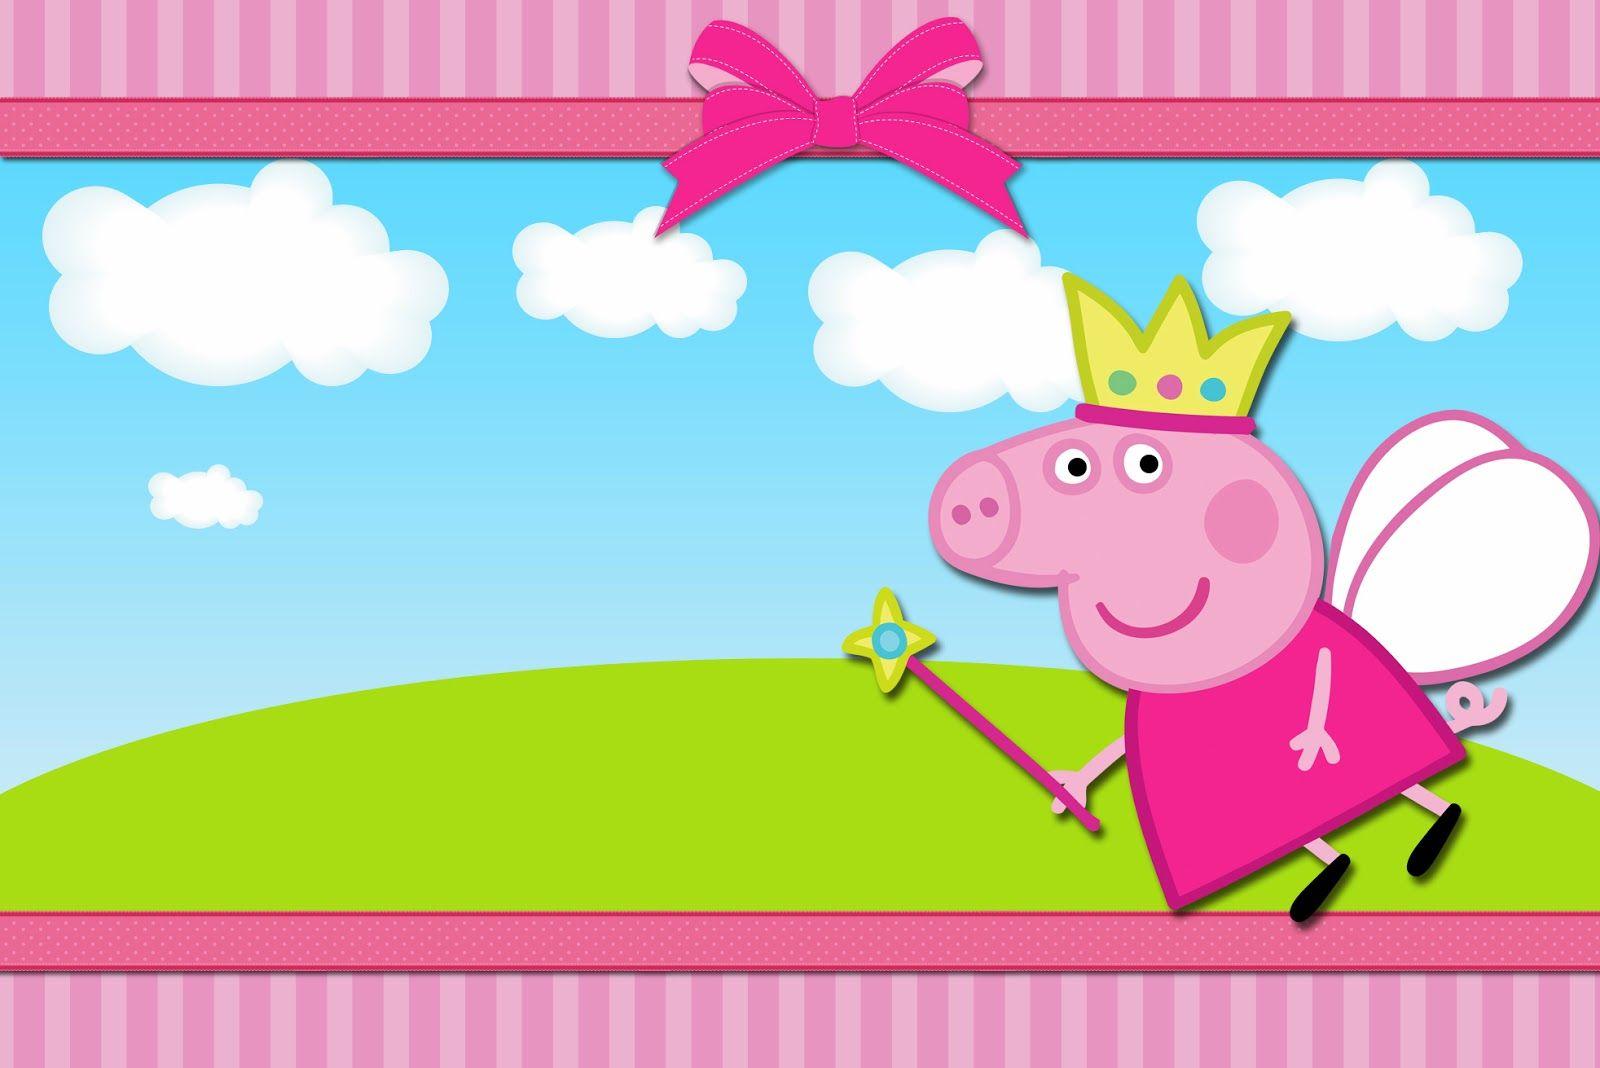 ISABELA   Venha comemorar comigo os meus 3 Aninhos!!!   END: AV. SÃO JORGE N. 2389 JD. SANTA MARINA - Espaco Vachelli   HORÁRIO: 18H00